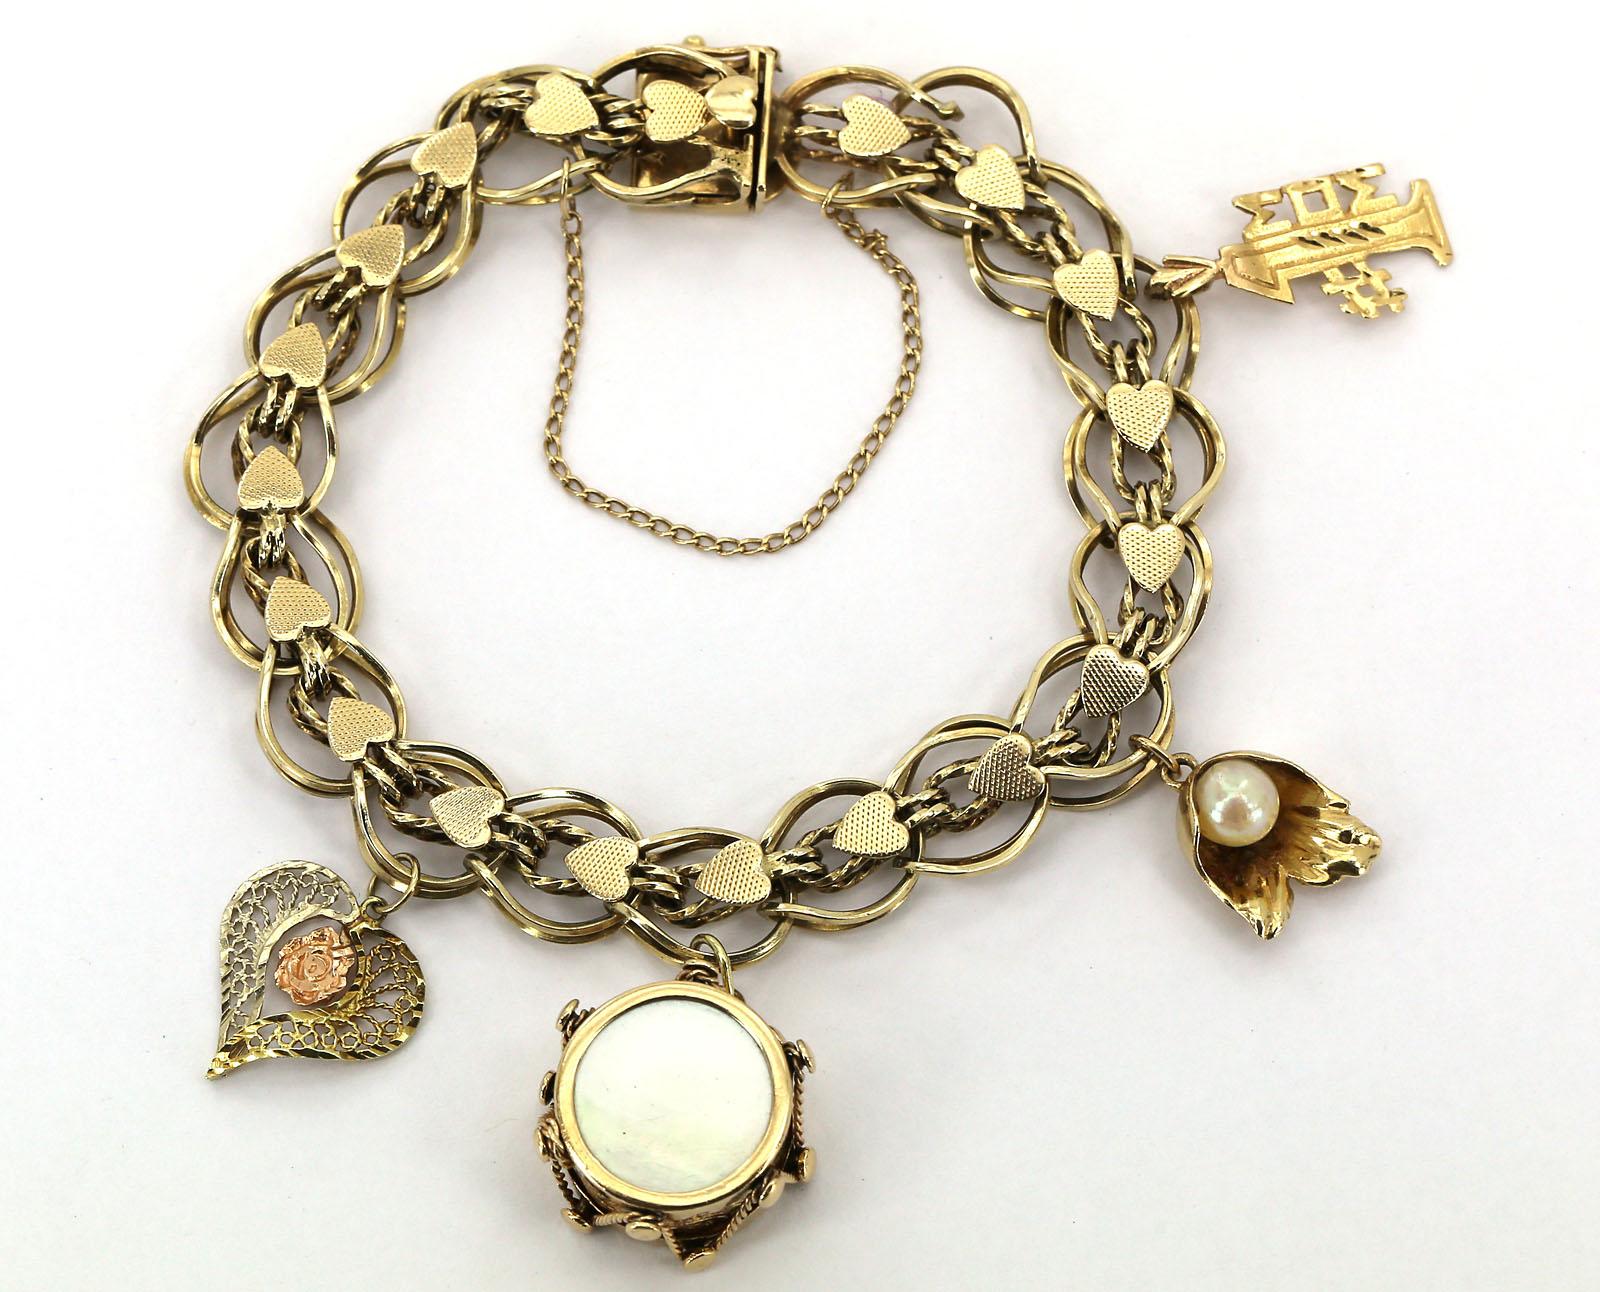 vintage 14k yellow gold motif charm bracelet w 4 3d